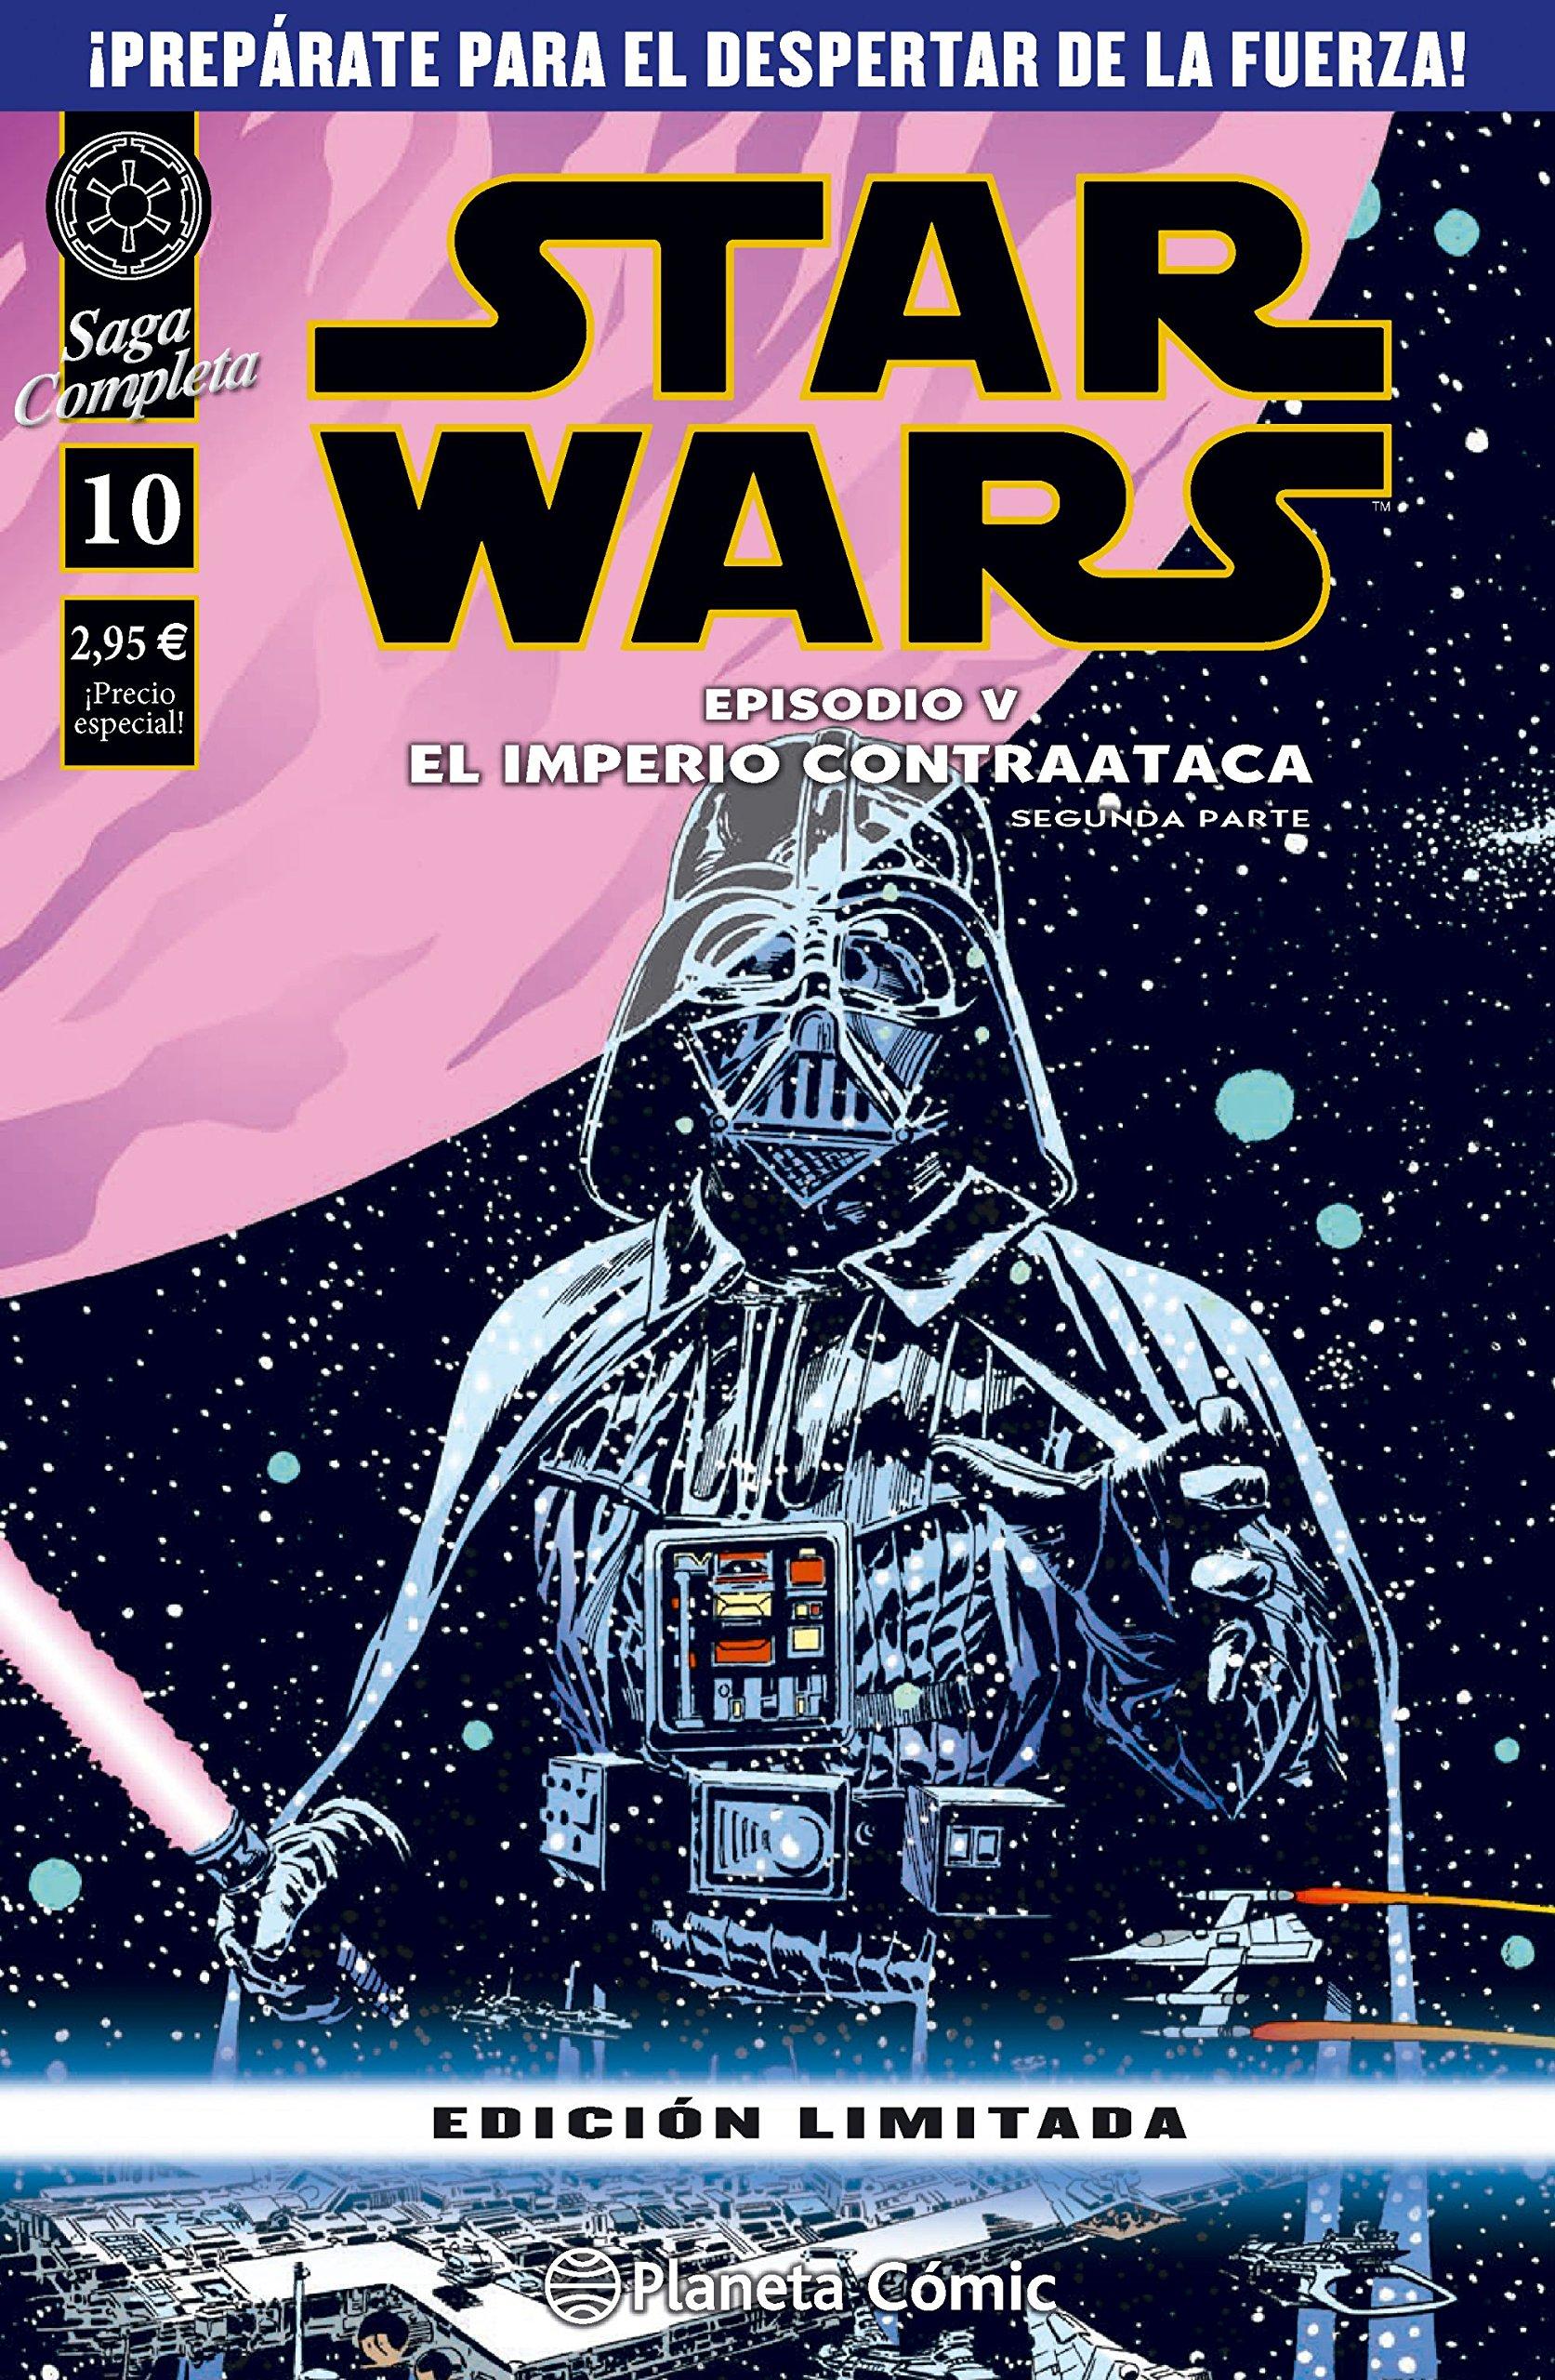 Star Wars Episodio V segunda parte : El imperio contraataca Star Wars: Cómics Grapa Marvel: Amazon.es: AA. VV., Santos, Diego de los: Libros